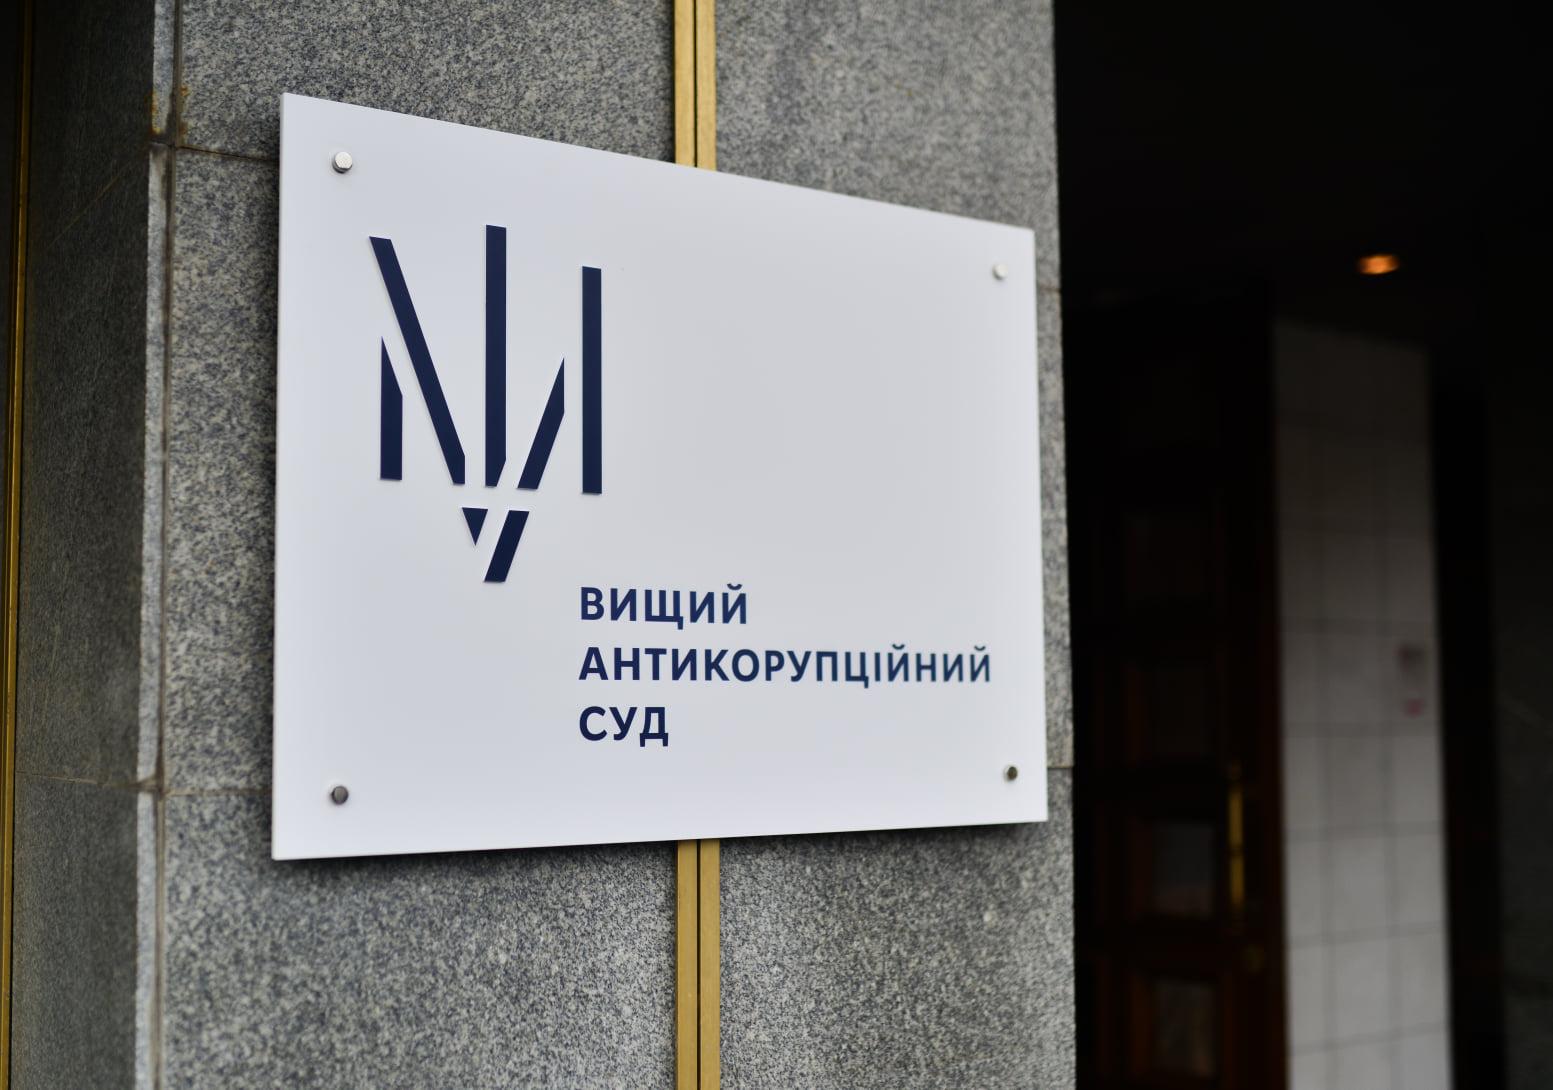 Следственным судьям Высшего антикоррупционного суда вдвое продлили срок...